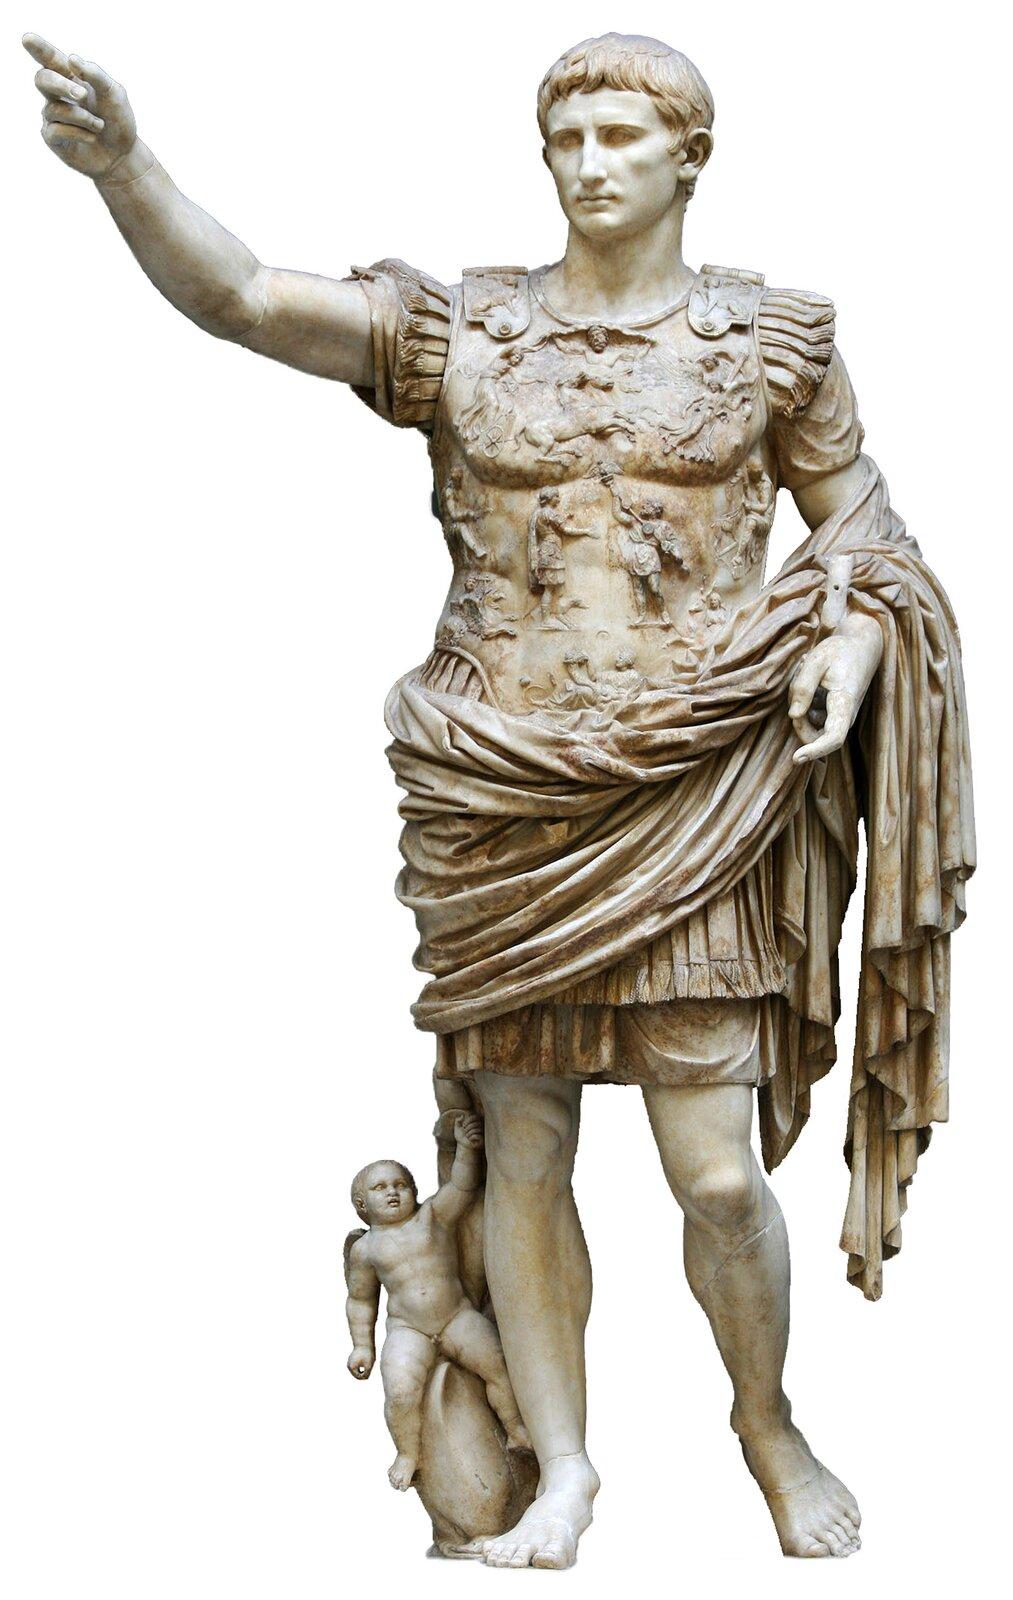 PosągOktawiana Augusta PosągOktawiana Augusta Źródło: Till Niermann, Wikimedia Commons, licencja: CC BY-SA 3.0.